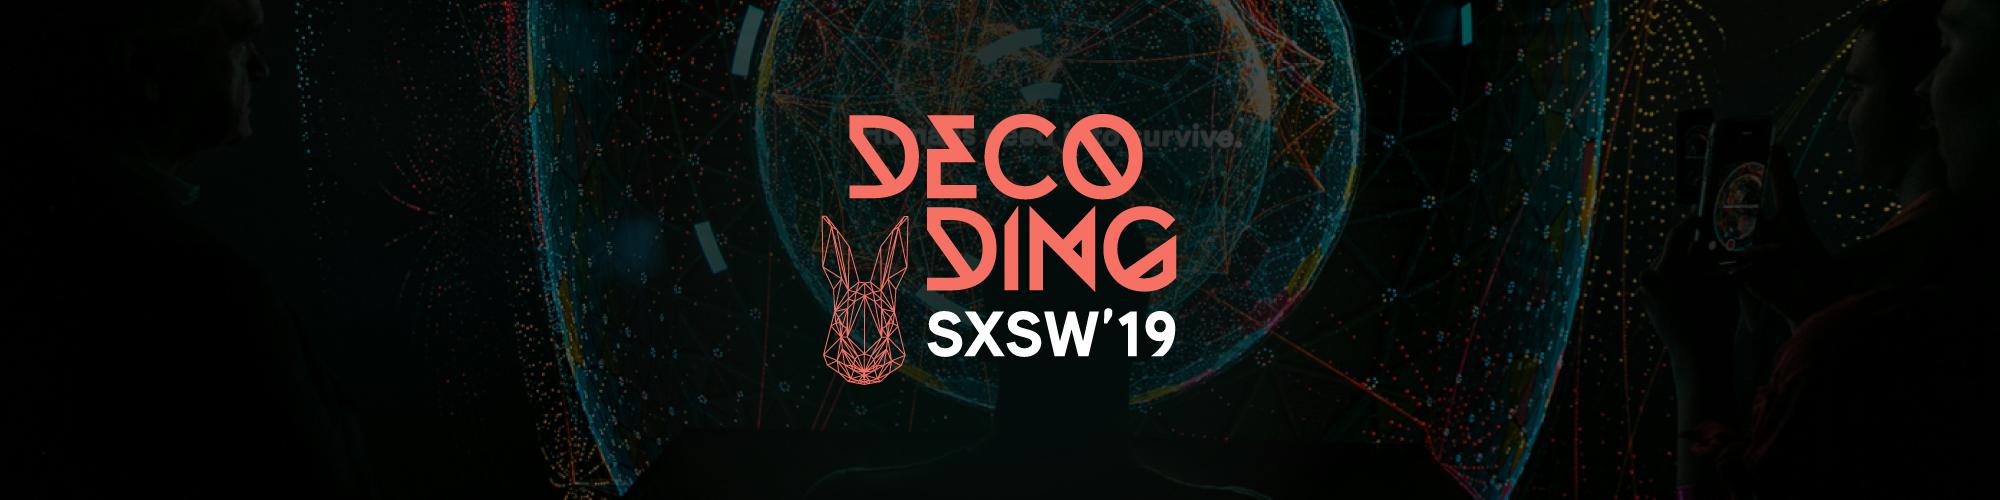 Palestra dinâmica decodifica o SXSW 2019, um dos festivais de inovação mais importantes do mundo